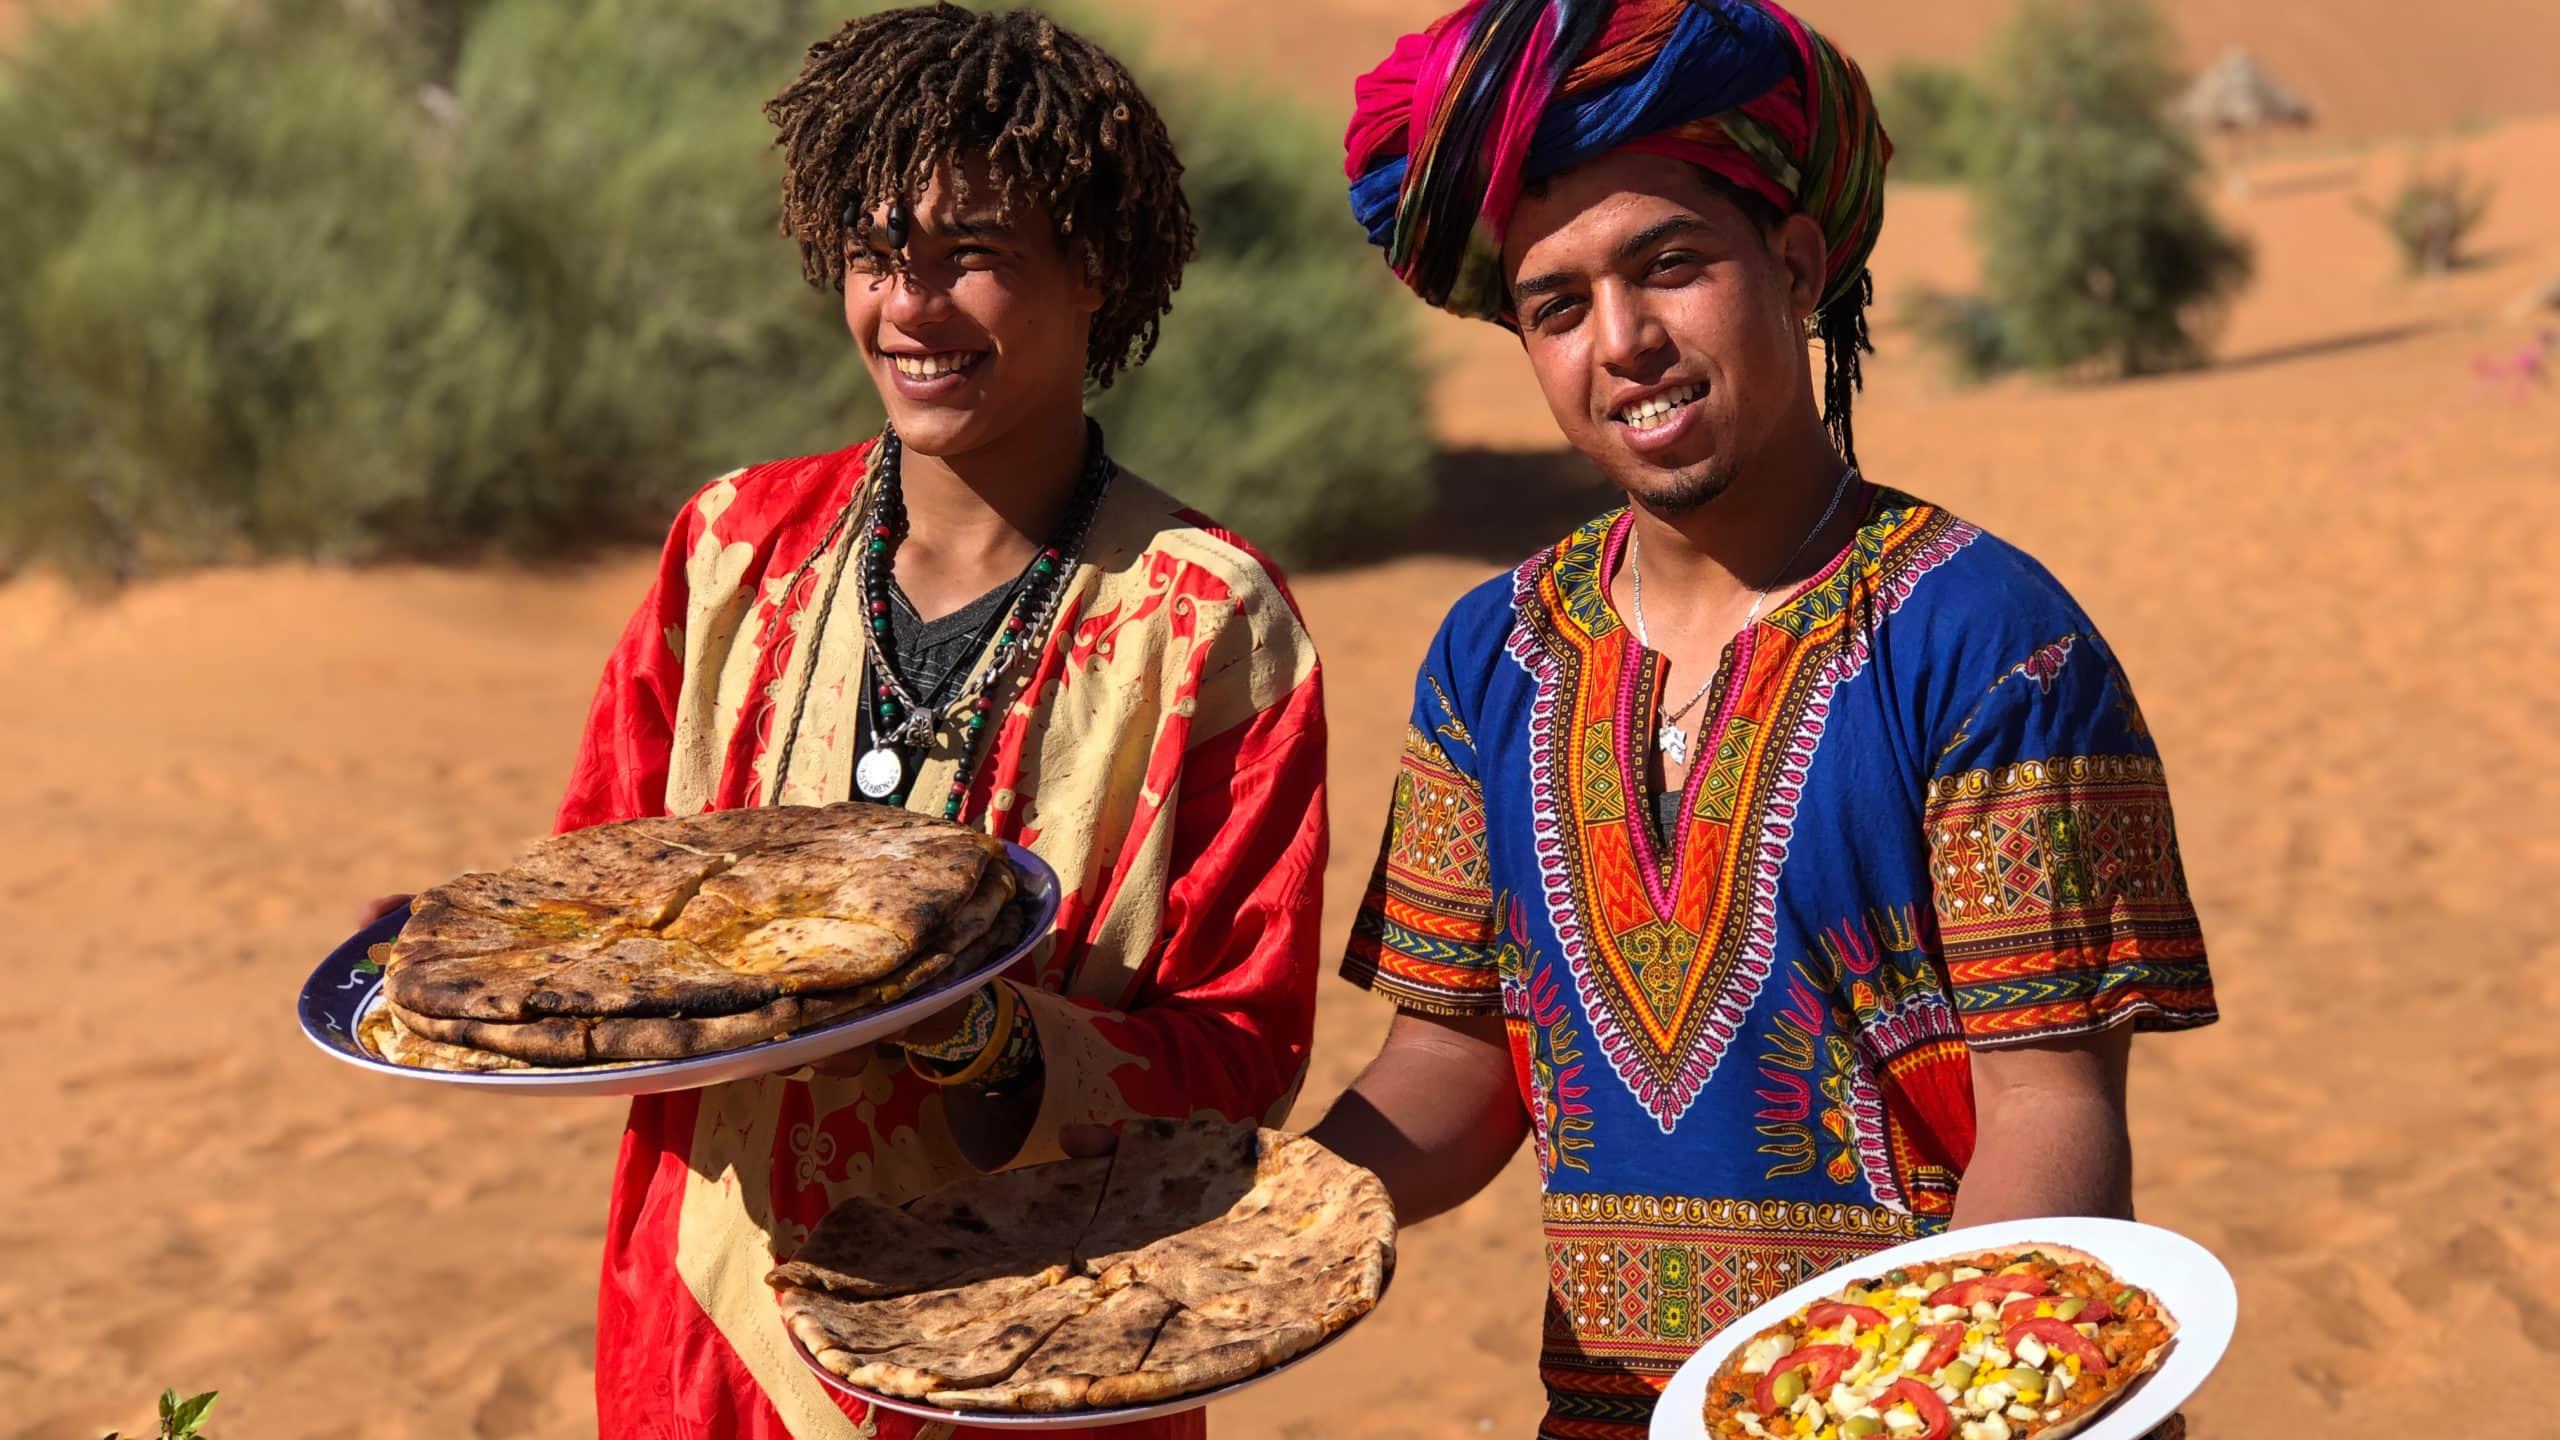 Mitglieder der Familie Oussidi servieren Berberpizza